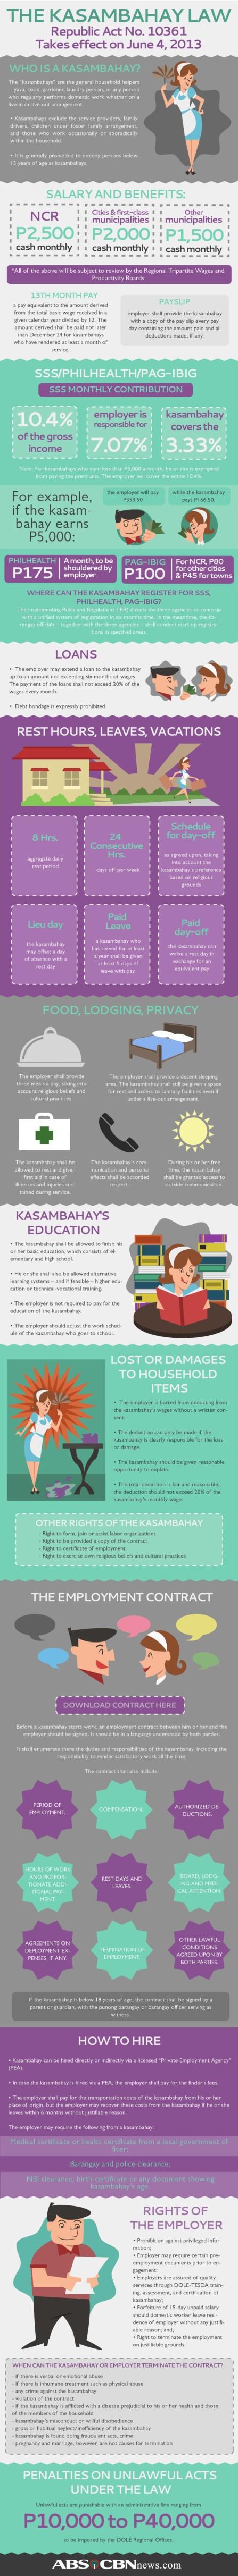 Kasambahay Infographic